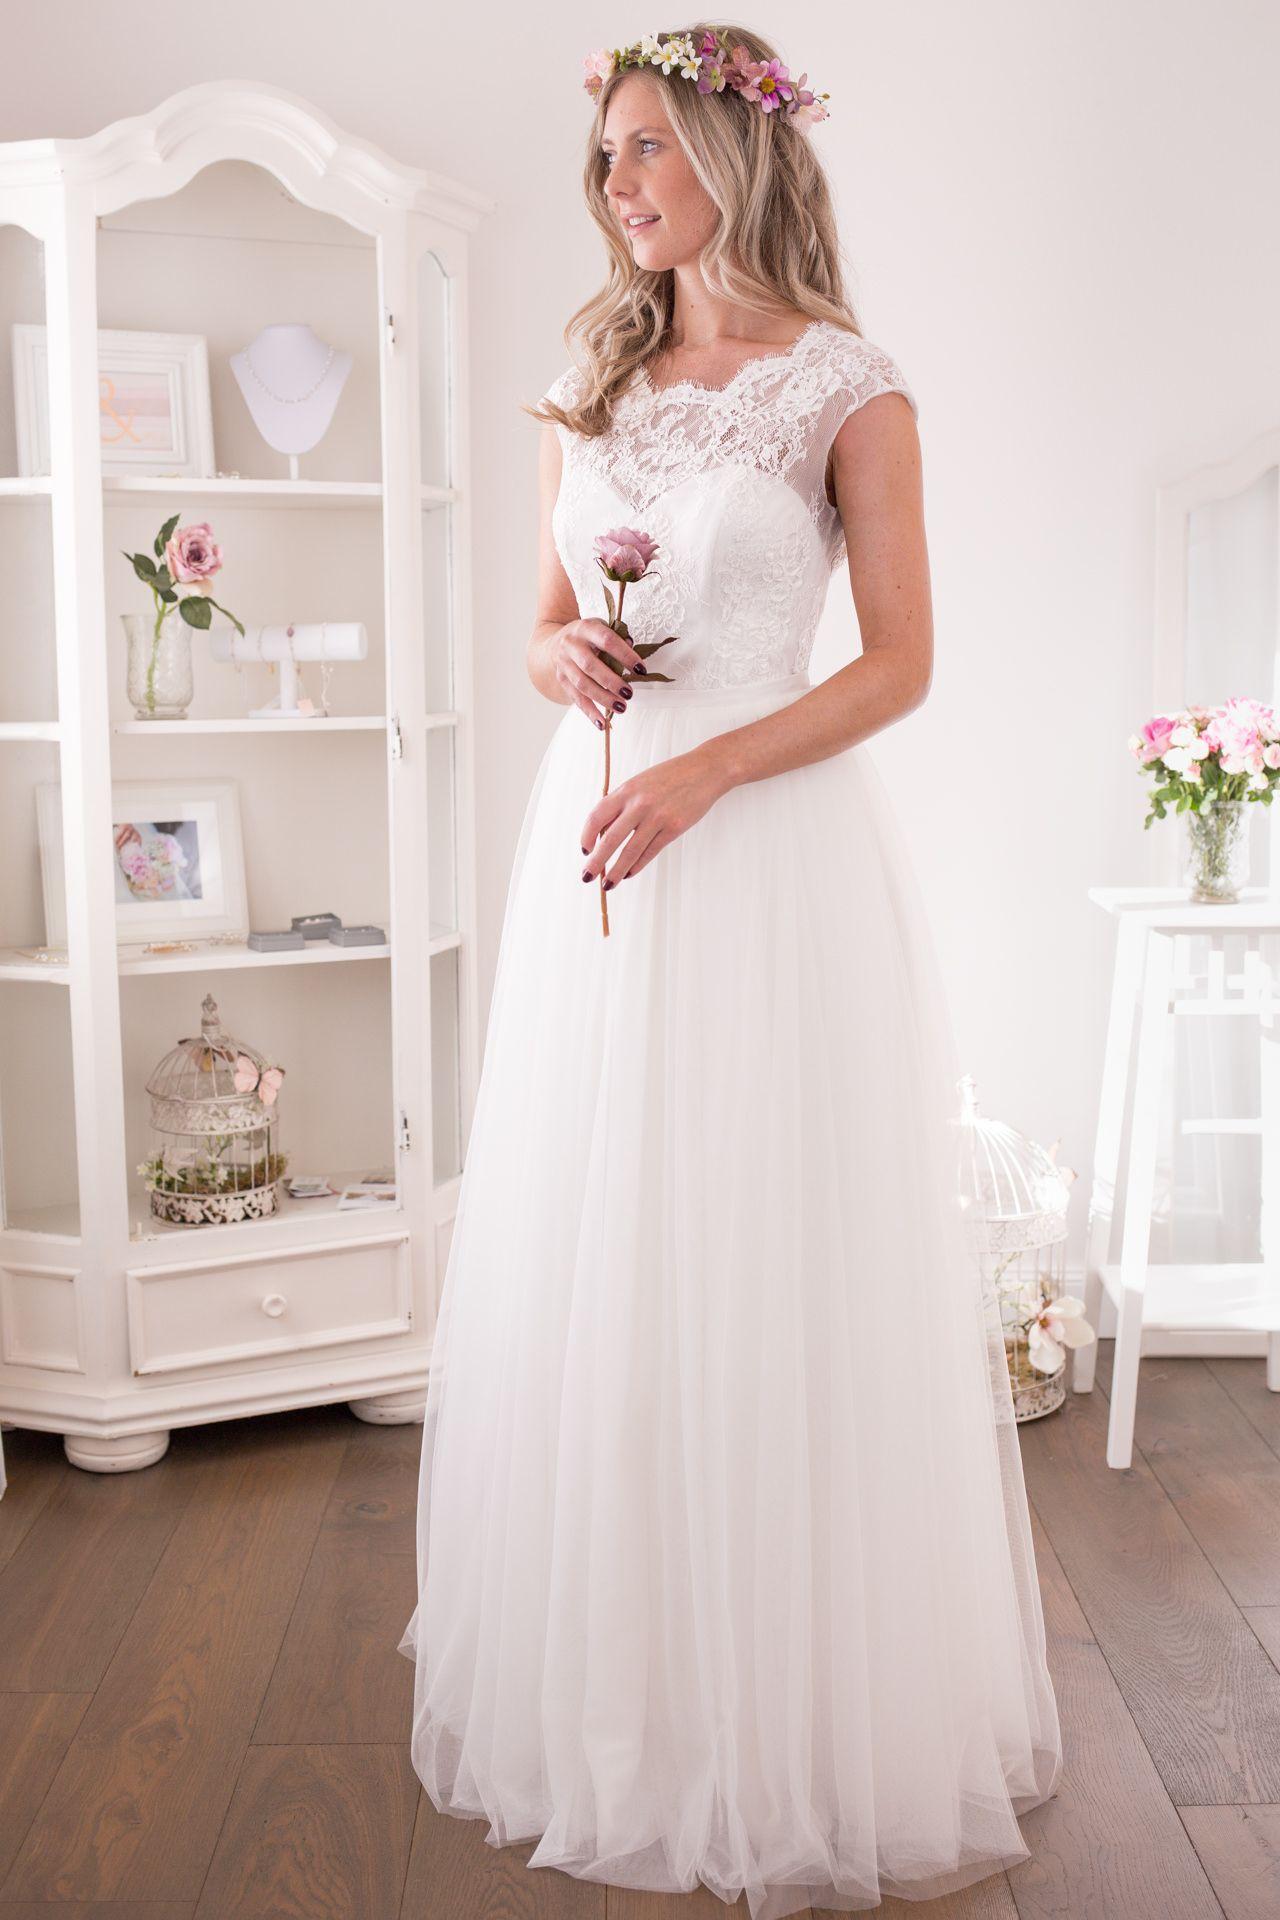 Standesamtkleider & Brautmoden  Kleider hochzeit, Brautmode